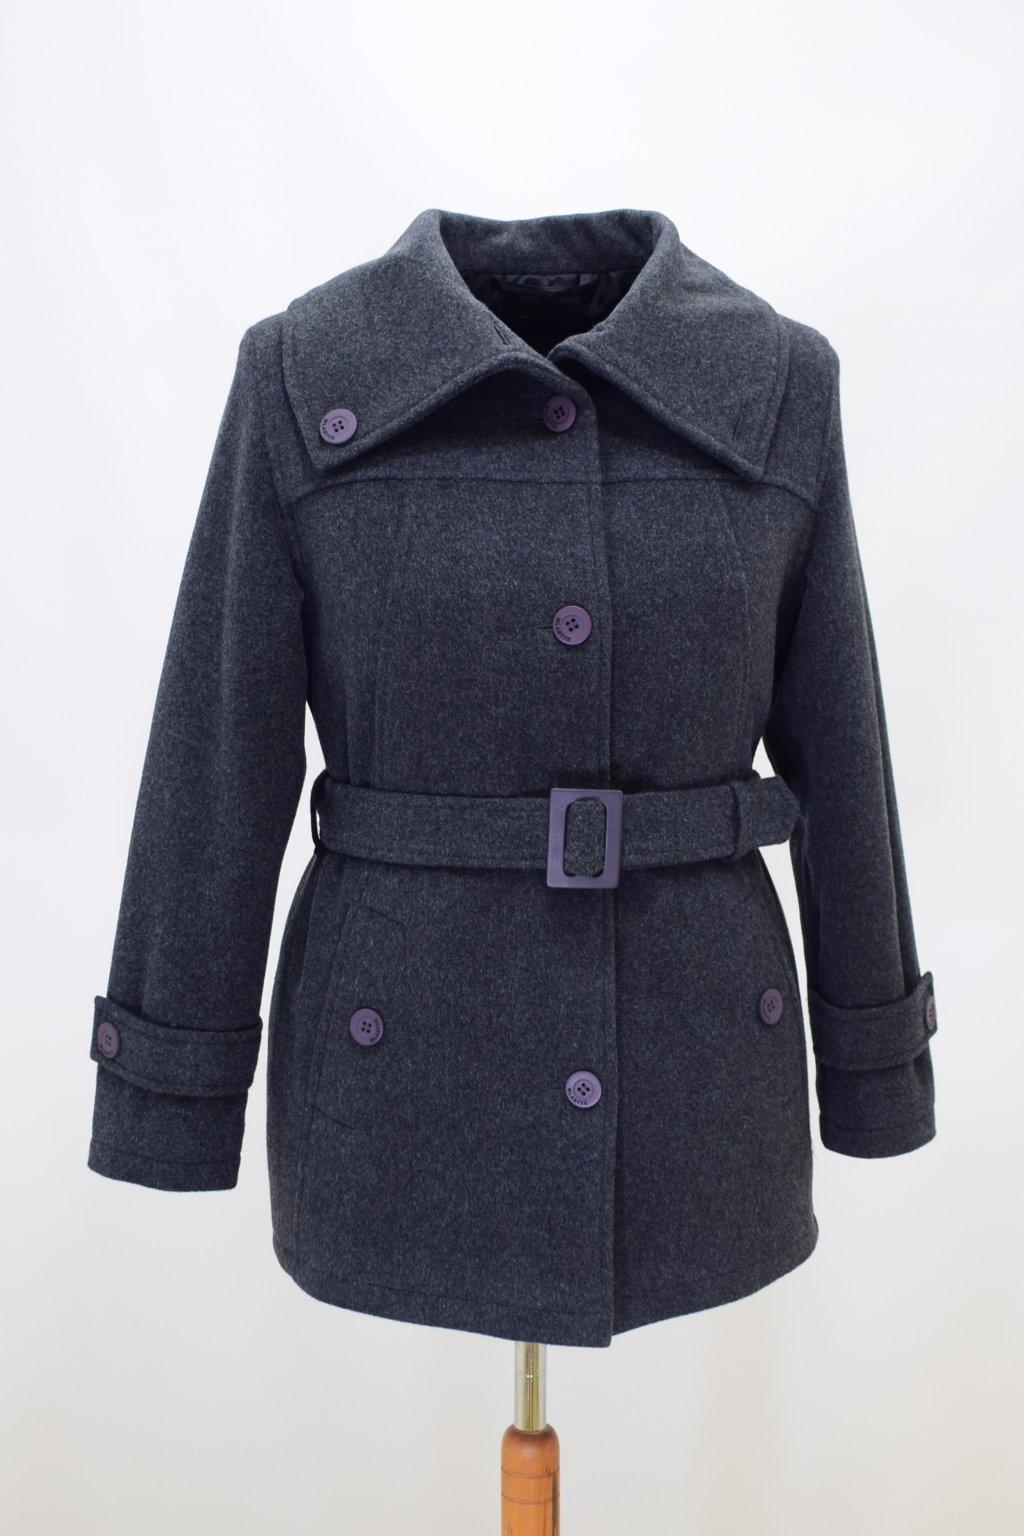 Dámský zimní šedý kabátek Mery nadměrné velikosti.